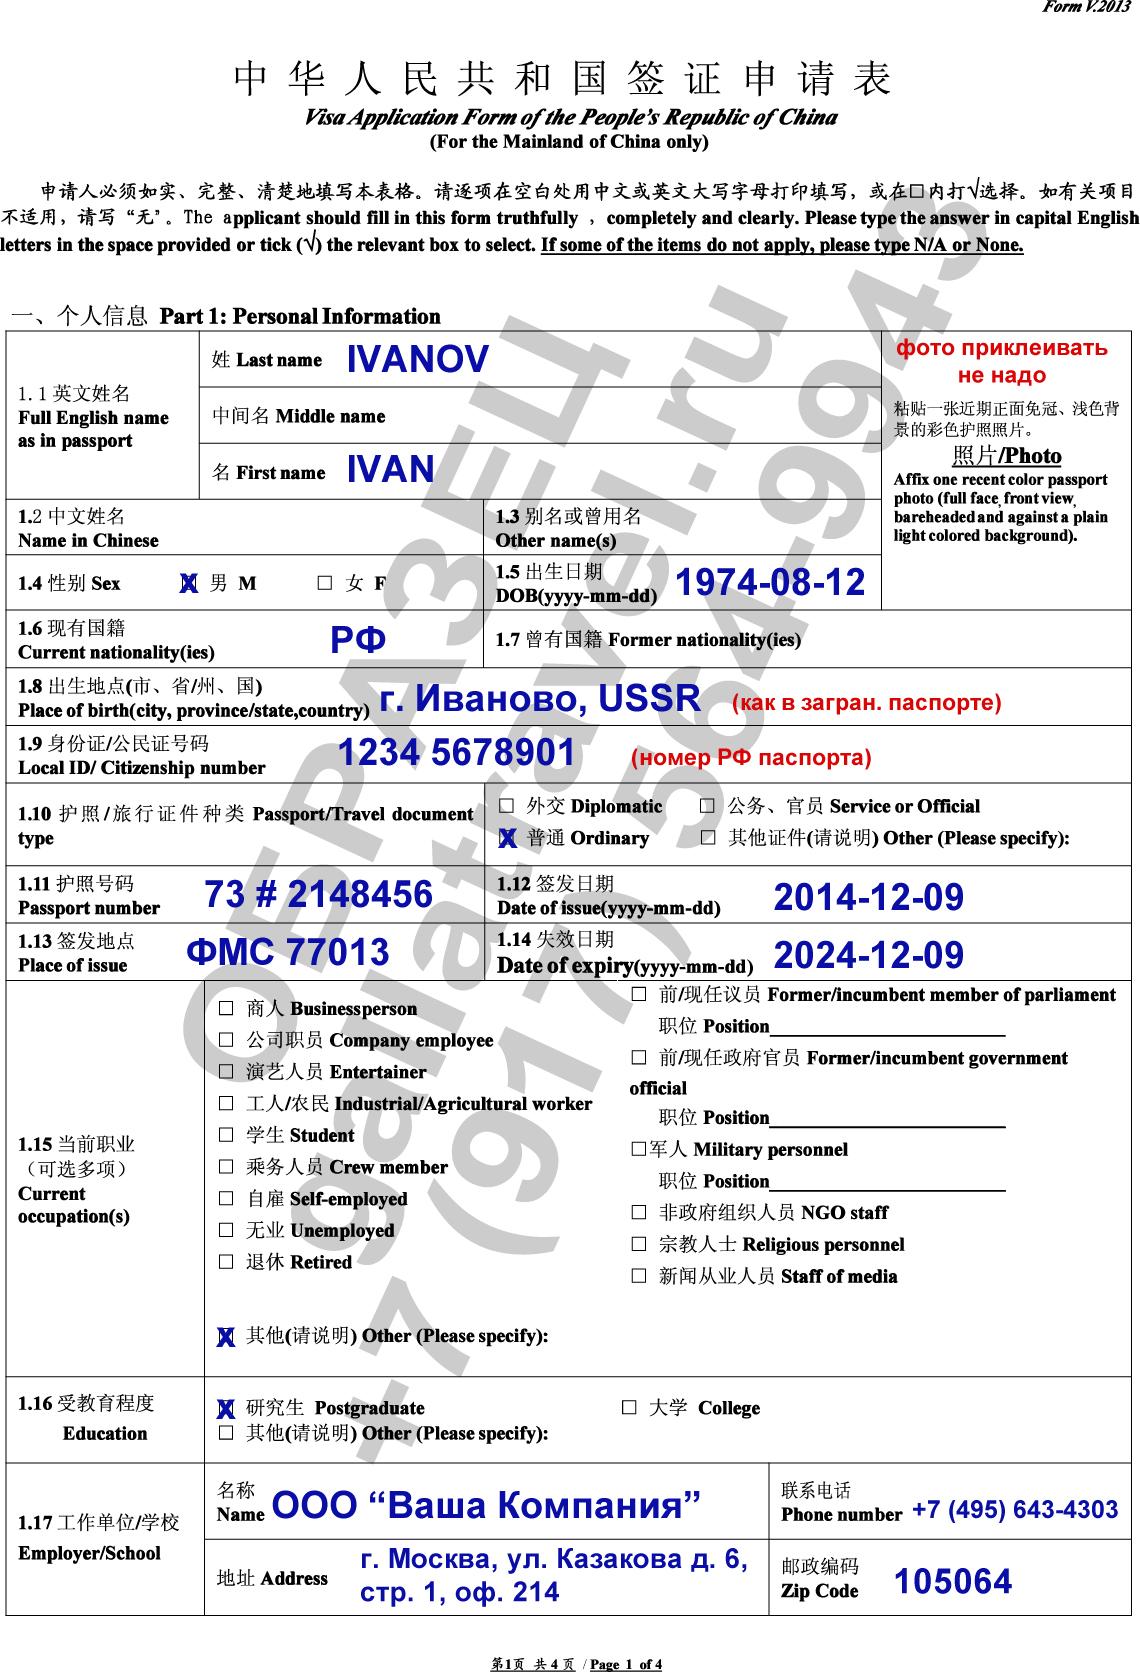 образец заполнения анкеты на получение шенгенской визы